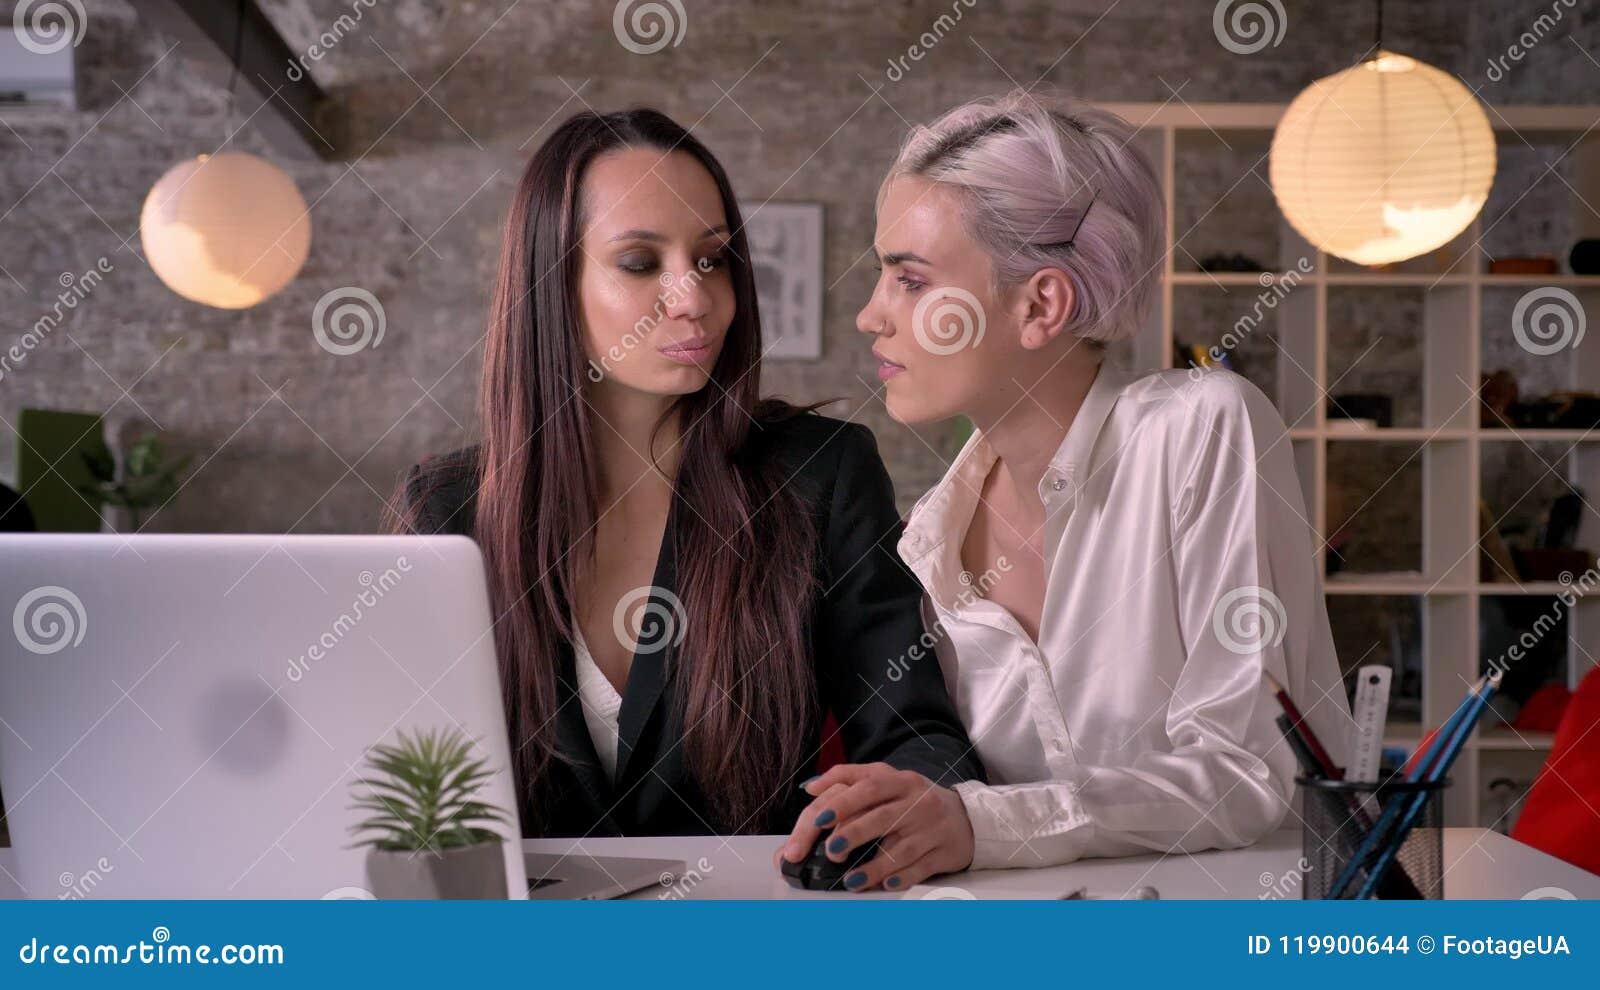 Girls Watching Lesbian Porn